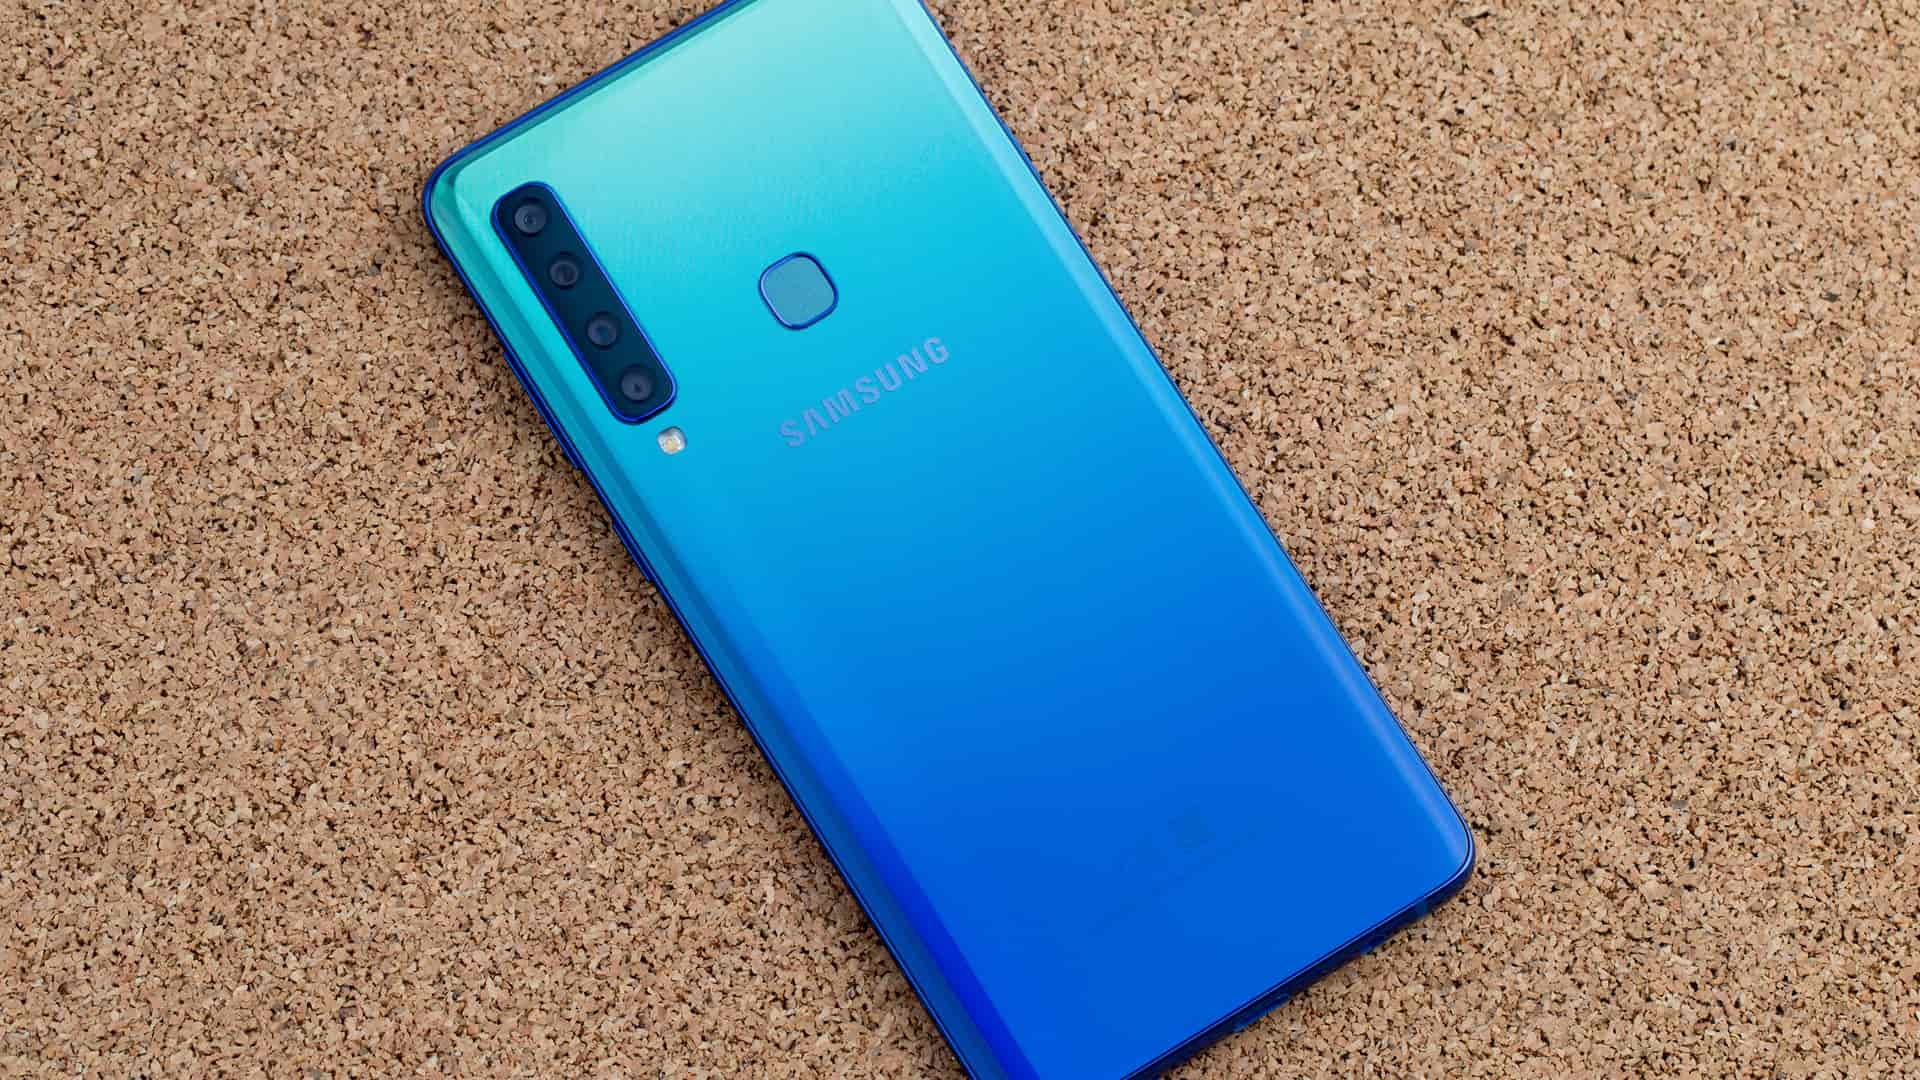 ¿Es posible conseguir el Samsung Galaxy A9 en Orange?